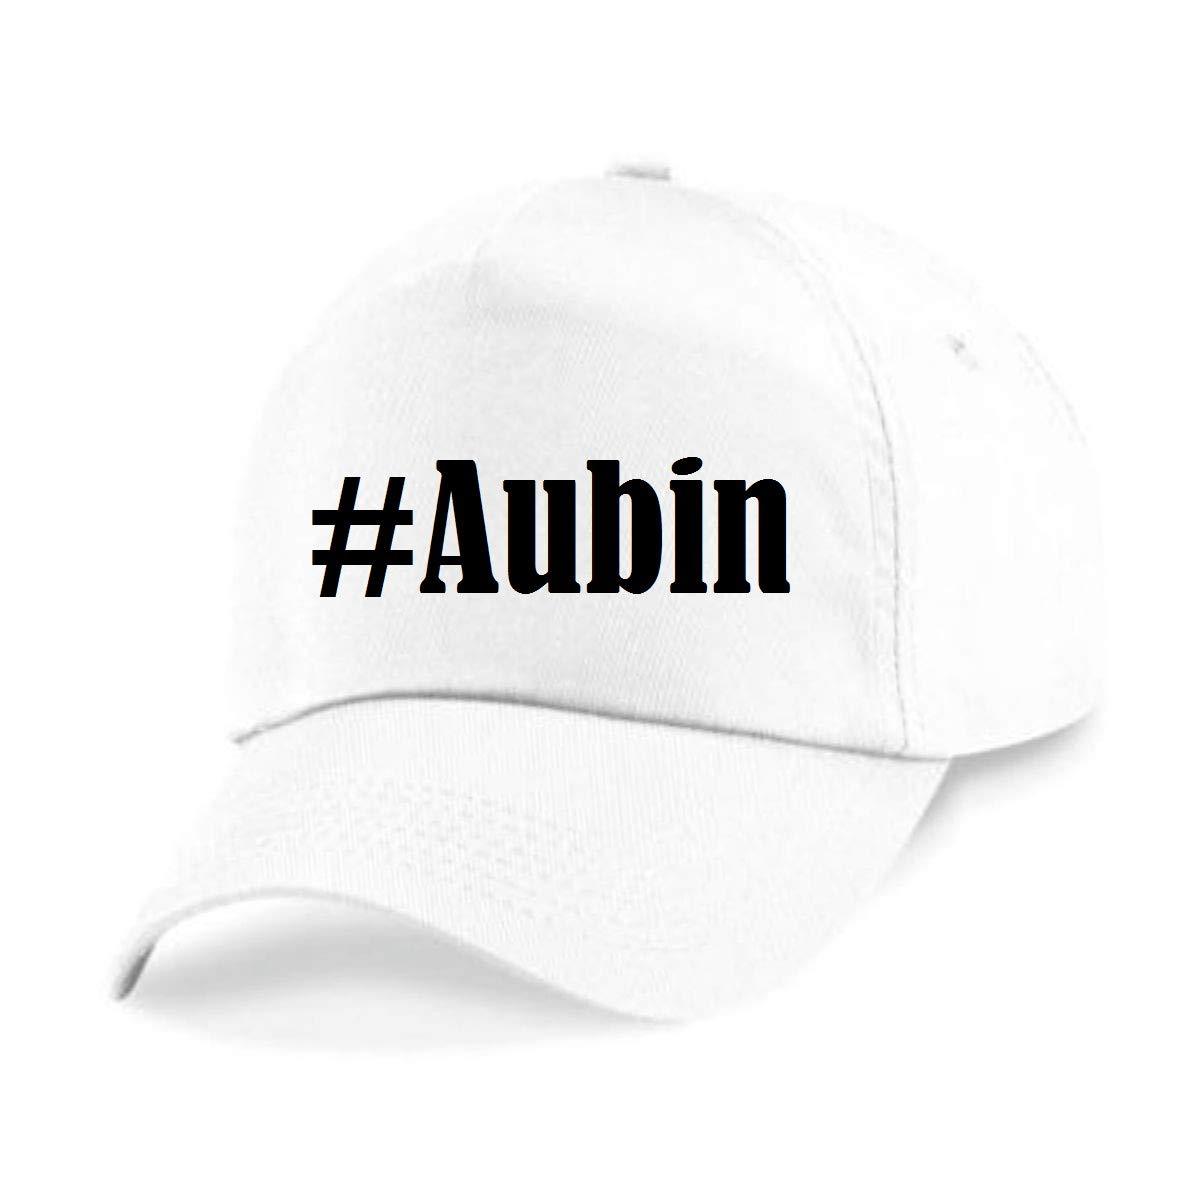 Casquettes de Baseball #Aubin Hashtag Diamant Social Network Basecap pour Les Hommes Femmes Gar/çon /& Fille en Noir